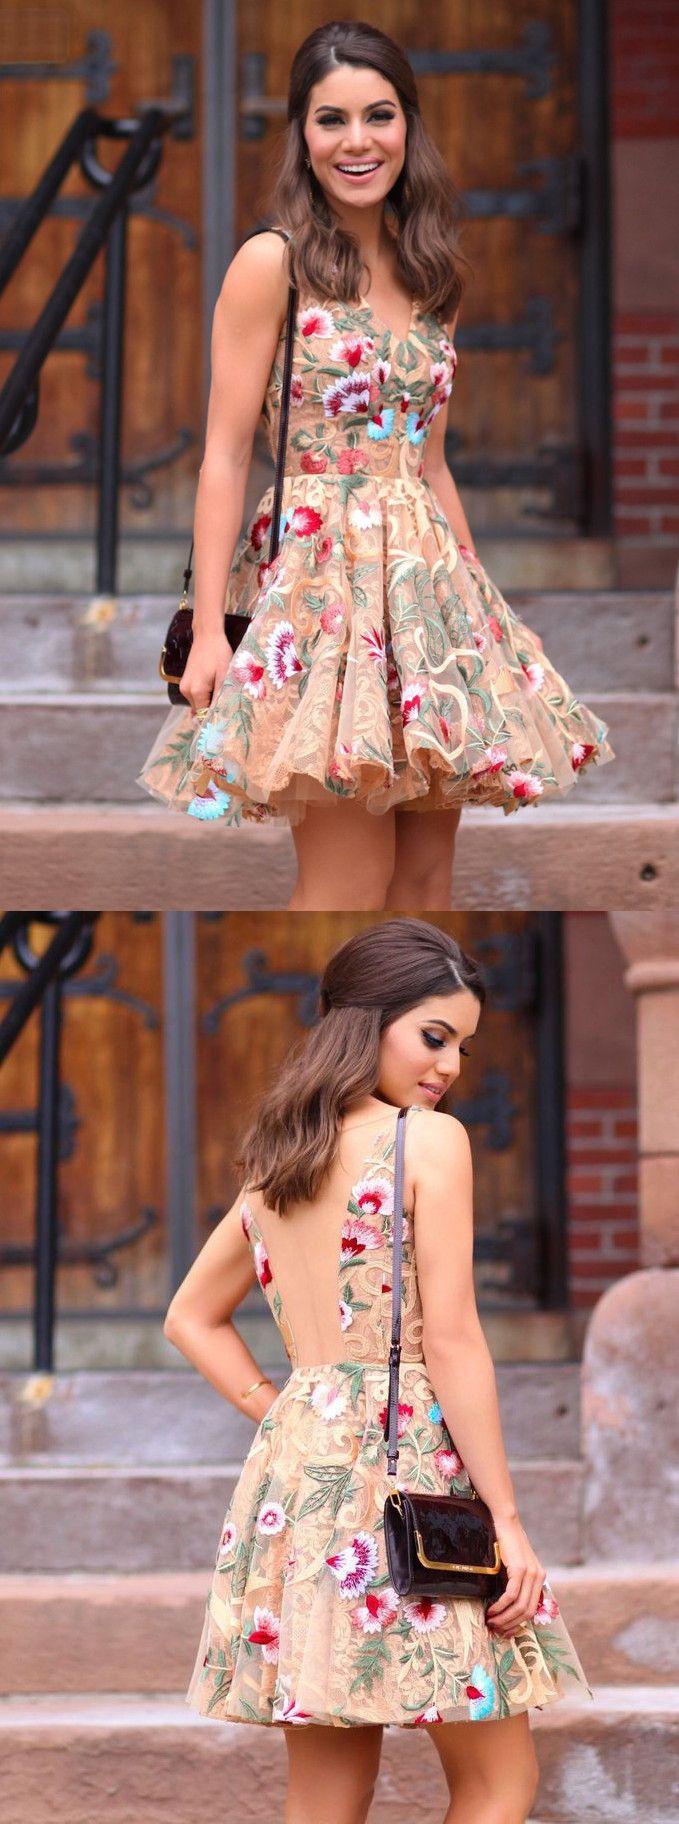 Heiß Kurz V-Ausschnitt Bunte Blumen Cocktailkleid | Hoco dresses ...